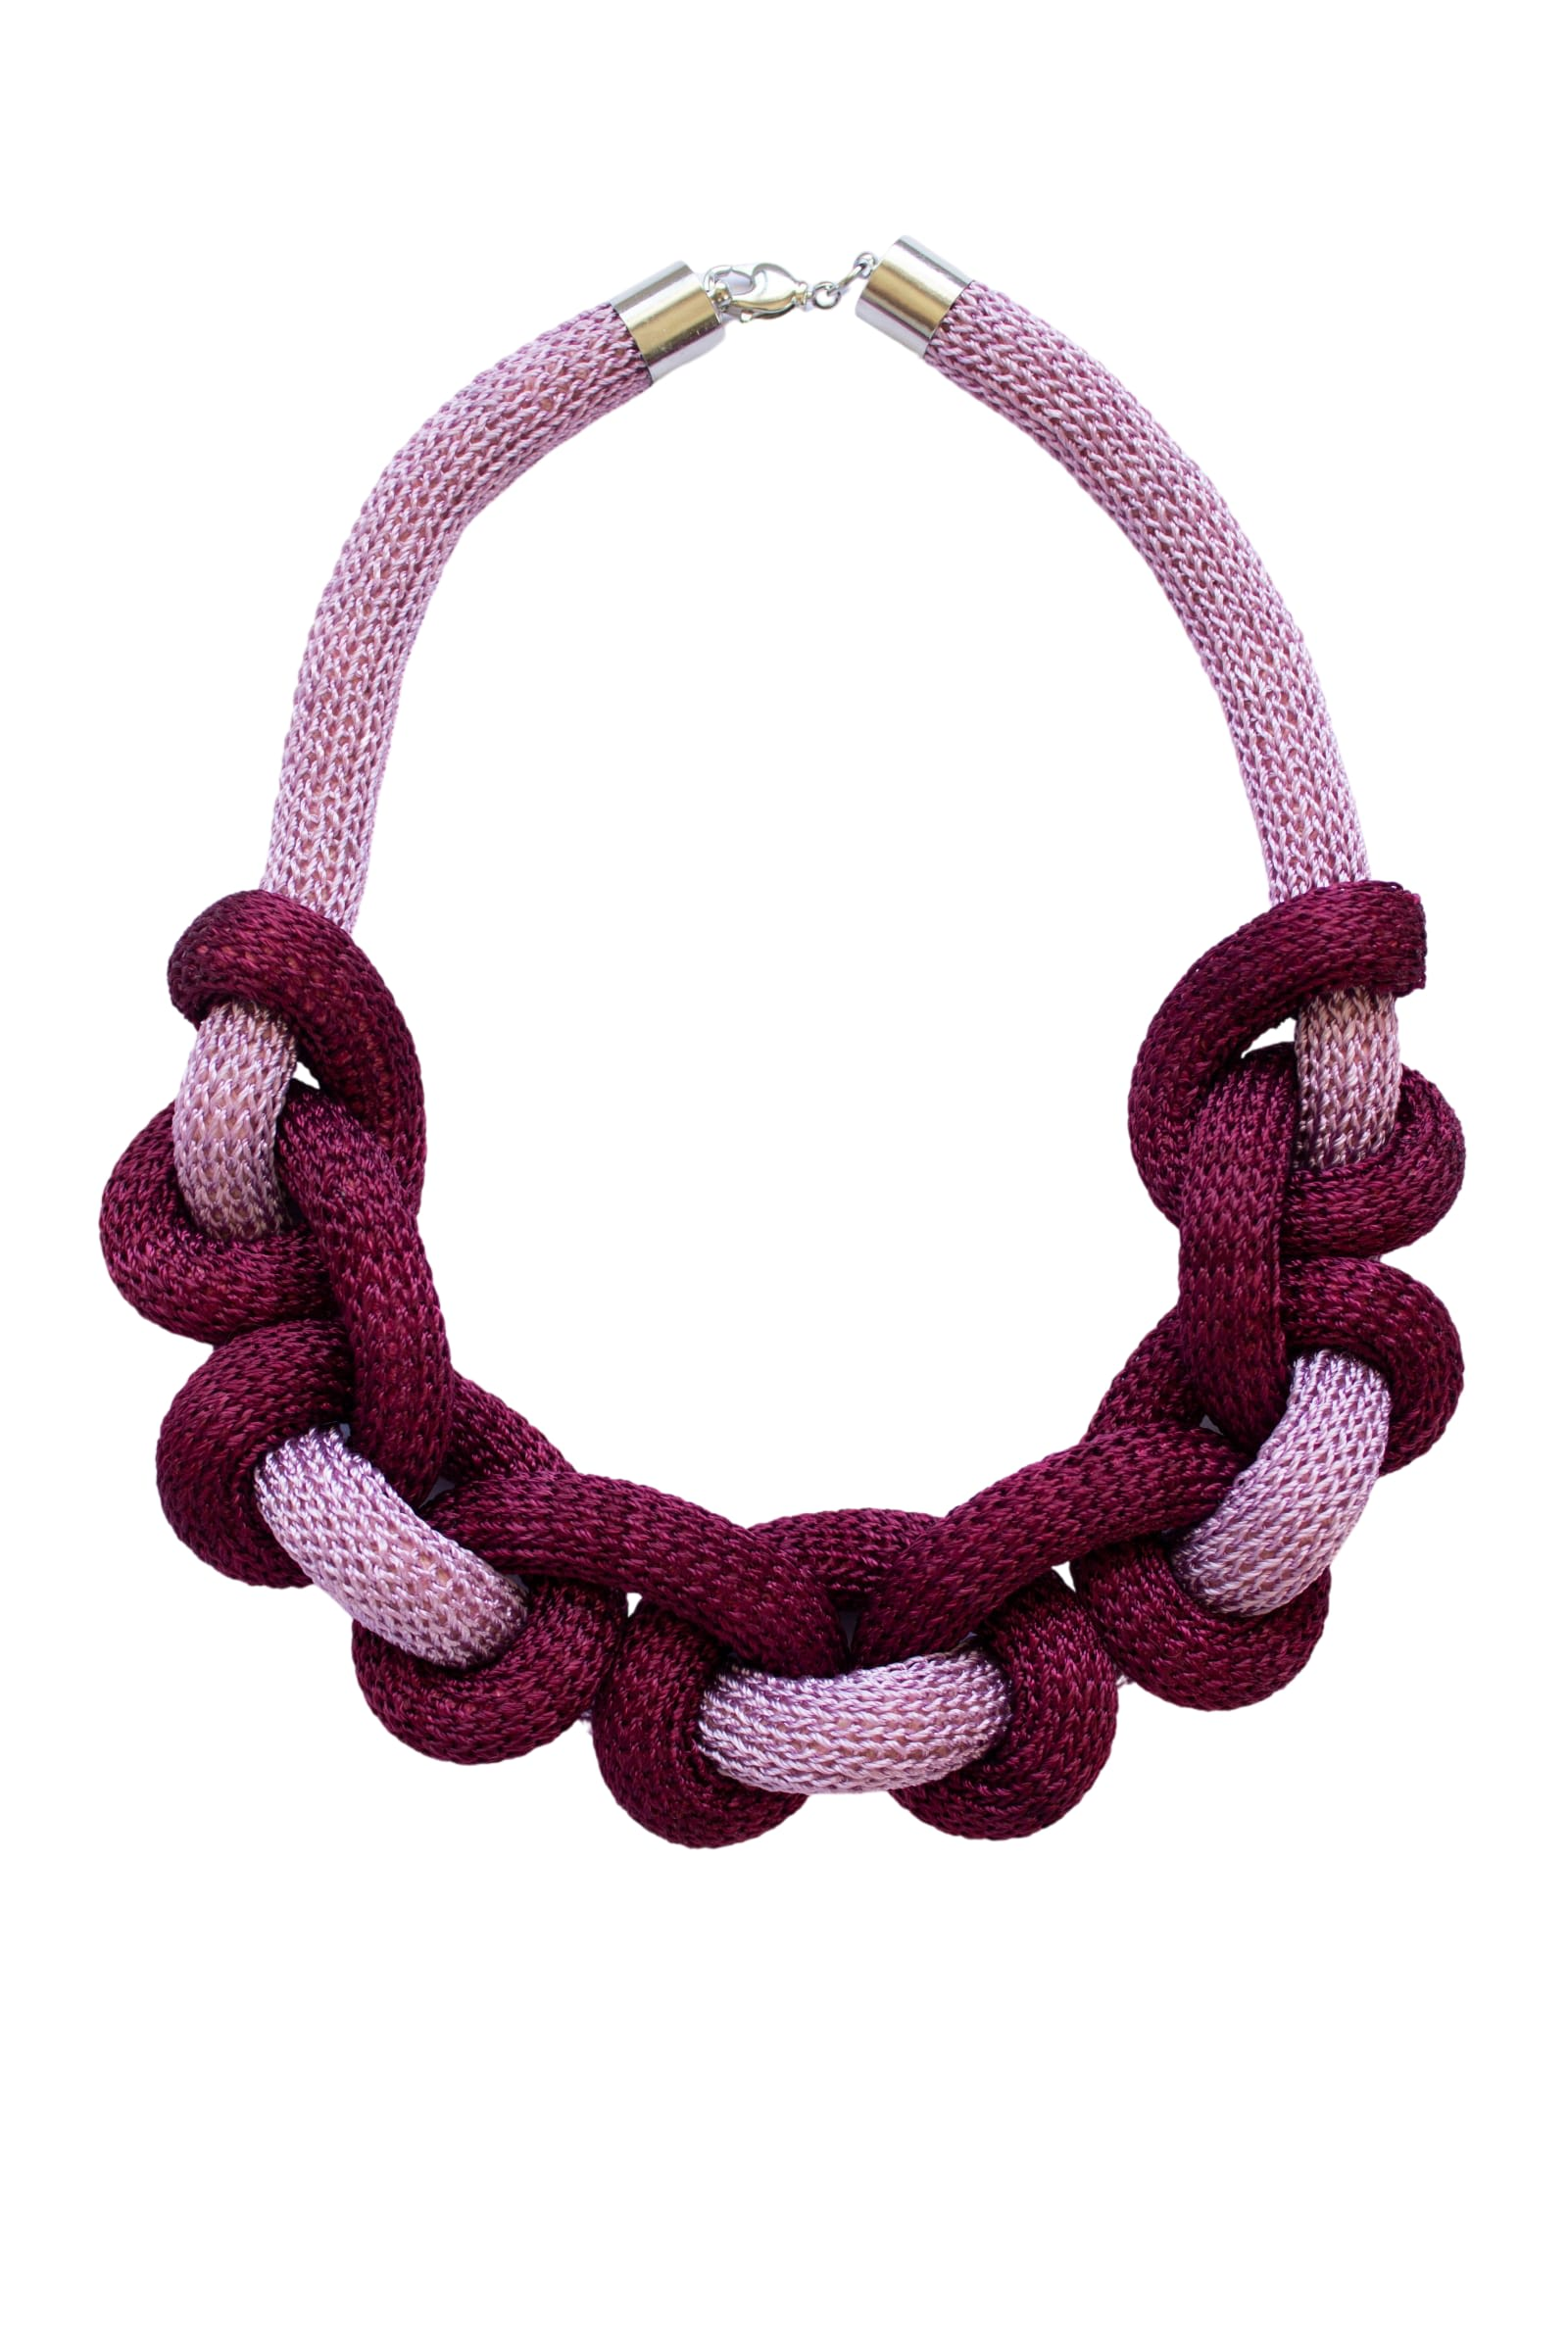 Collar Doris Rosa - Burdeo - Galga